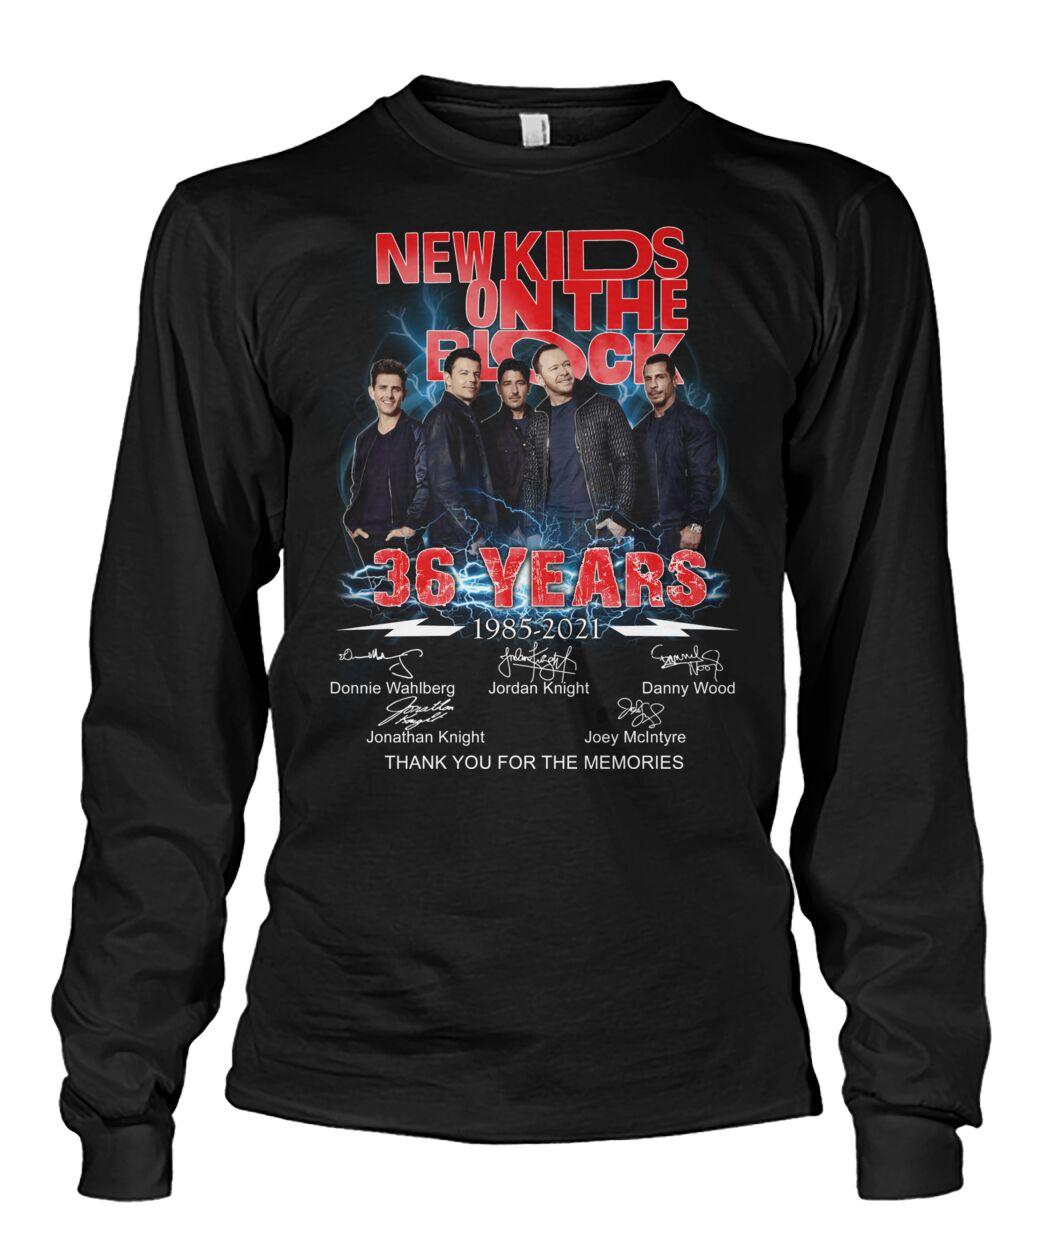 New Kids On The Block 36 Years 1985 - 2021 Shirt 13